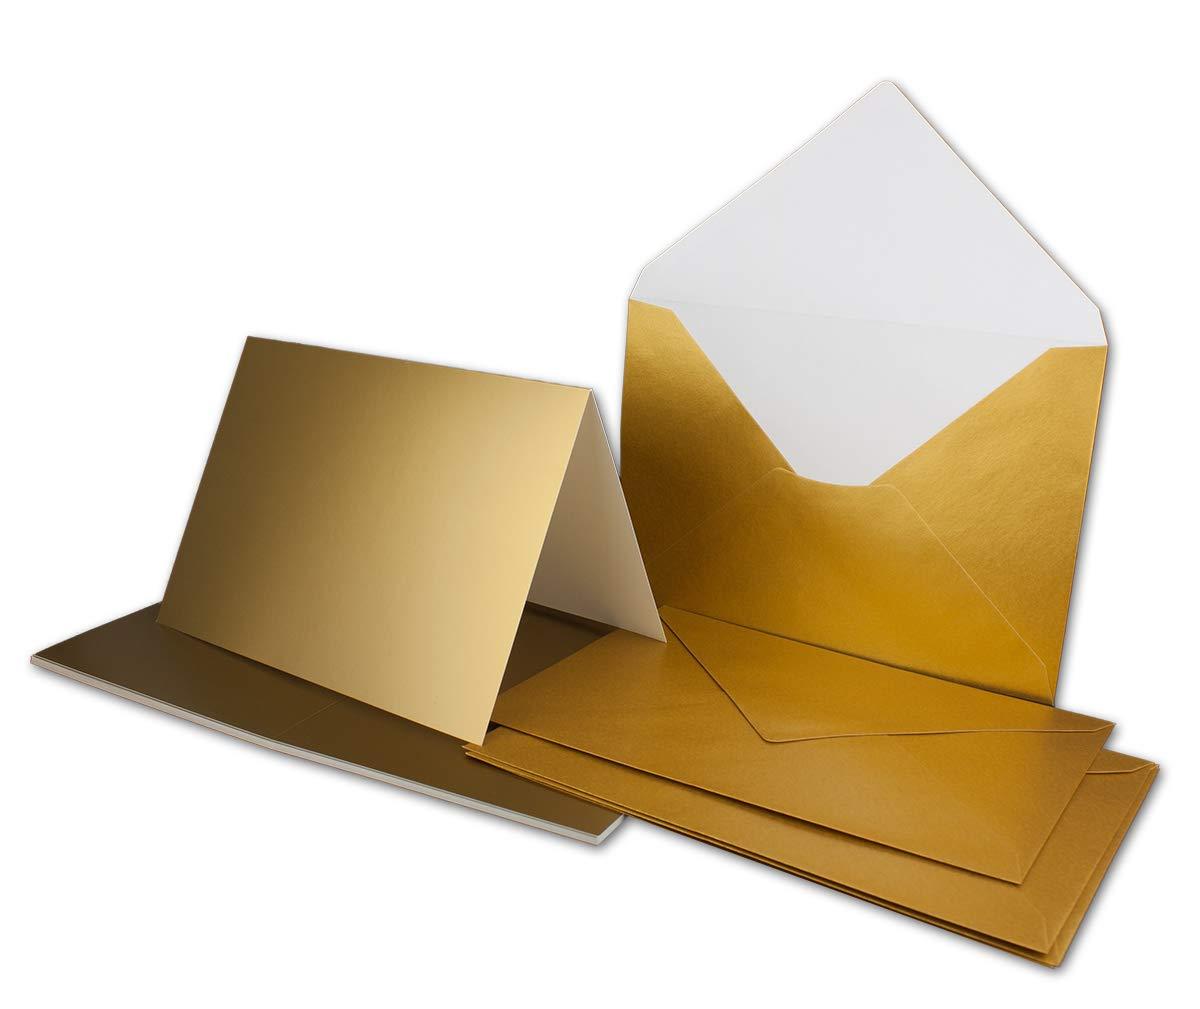 75 Sets - Faltkarten Hellgrau - Din A5  Umschläge Din C5 - Premium Qualität - Sehr formstabil - Qualitätsmarke  NEUSER FarbenFroh B07Q4NXMW8 | Tadellos